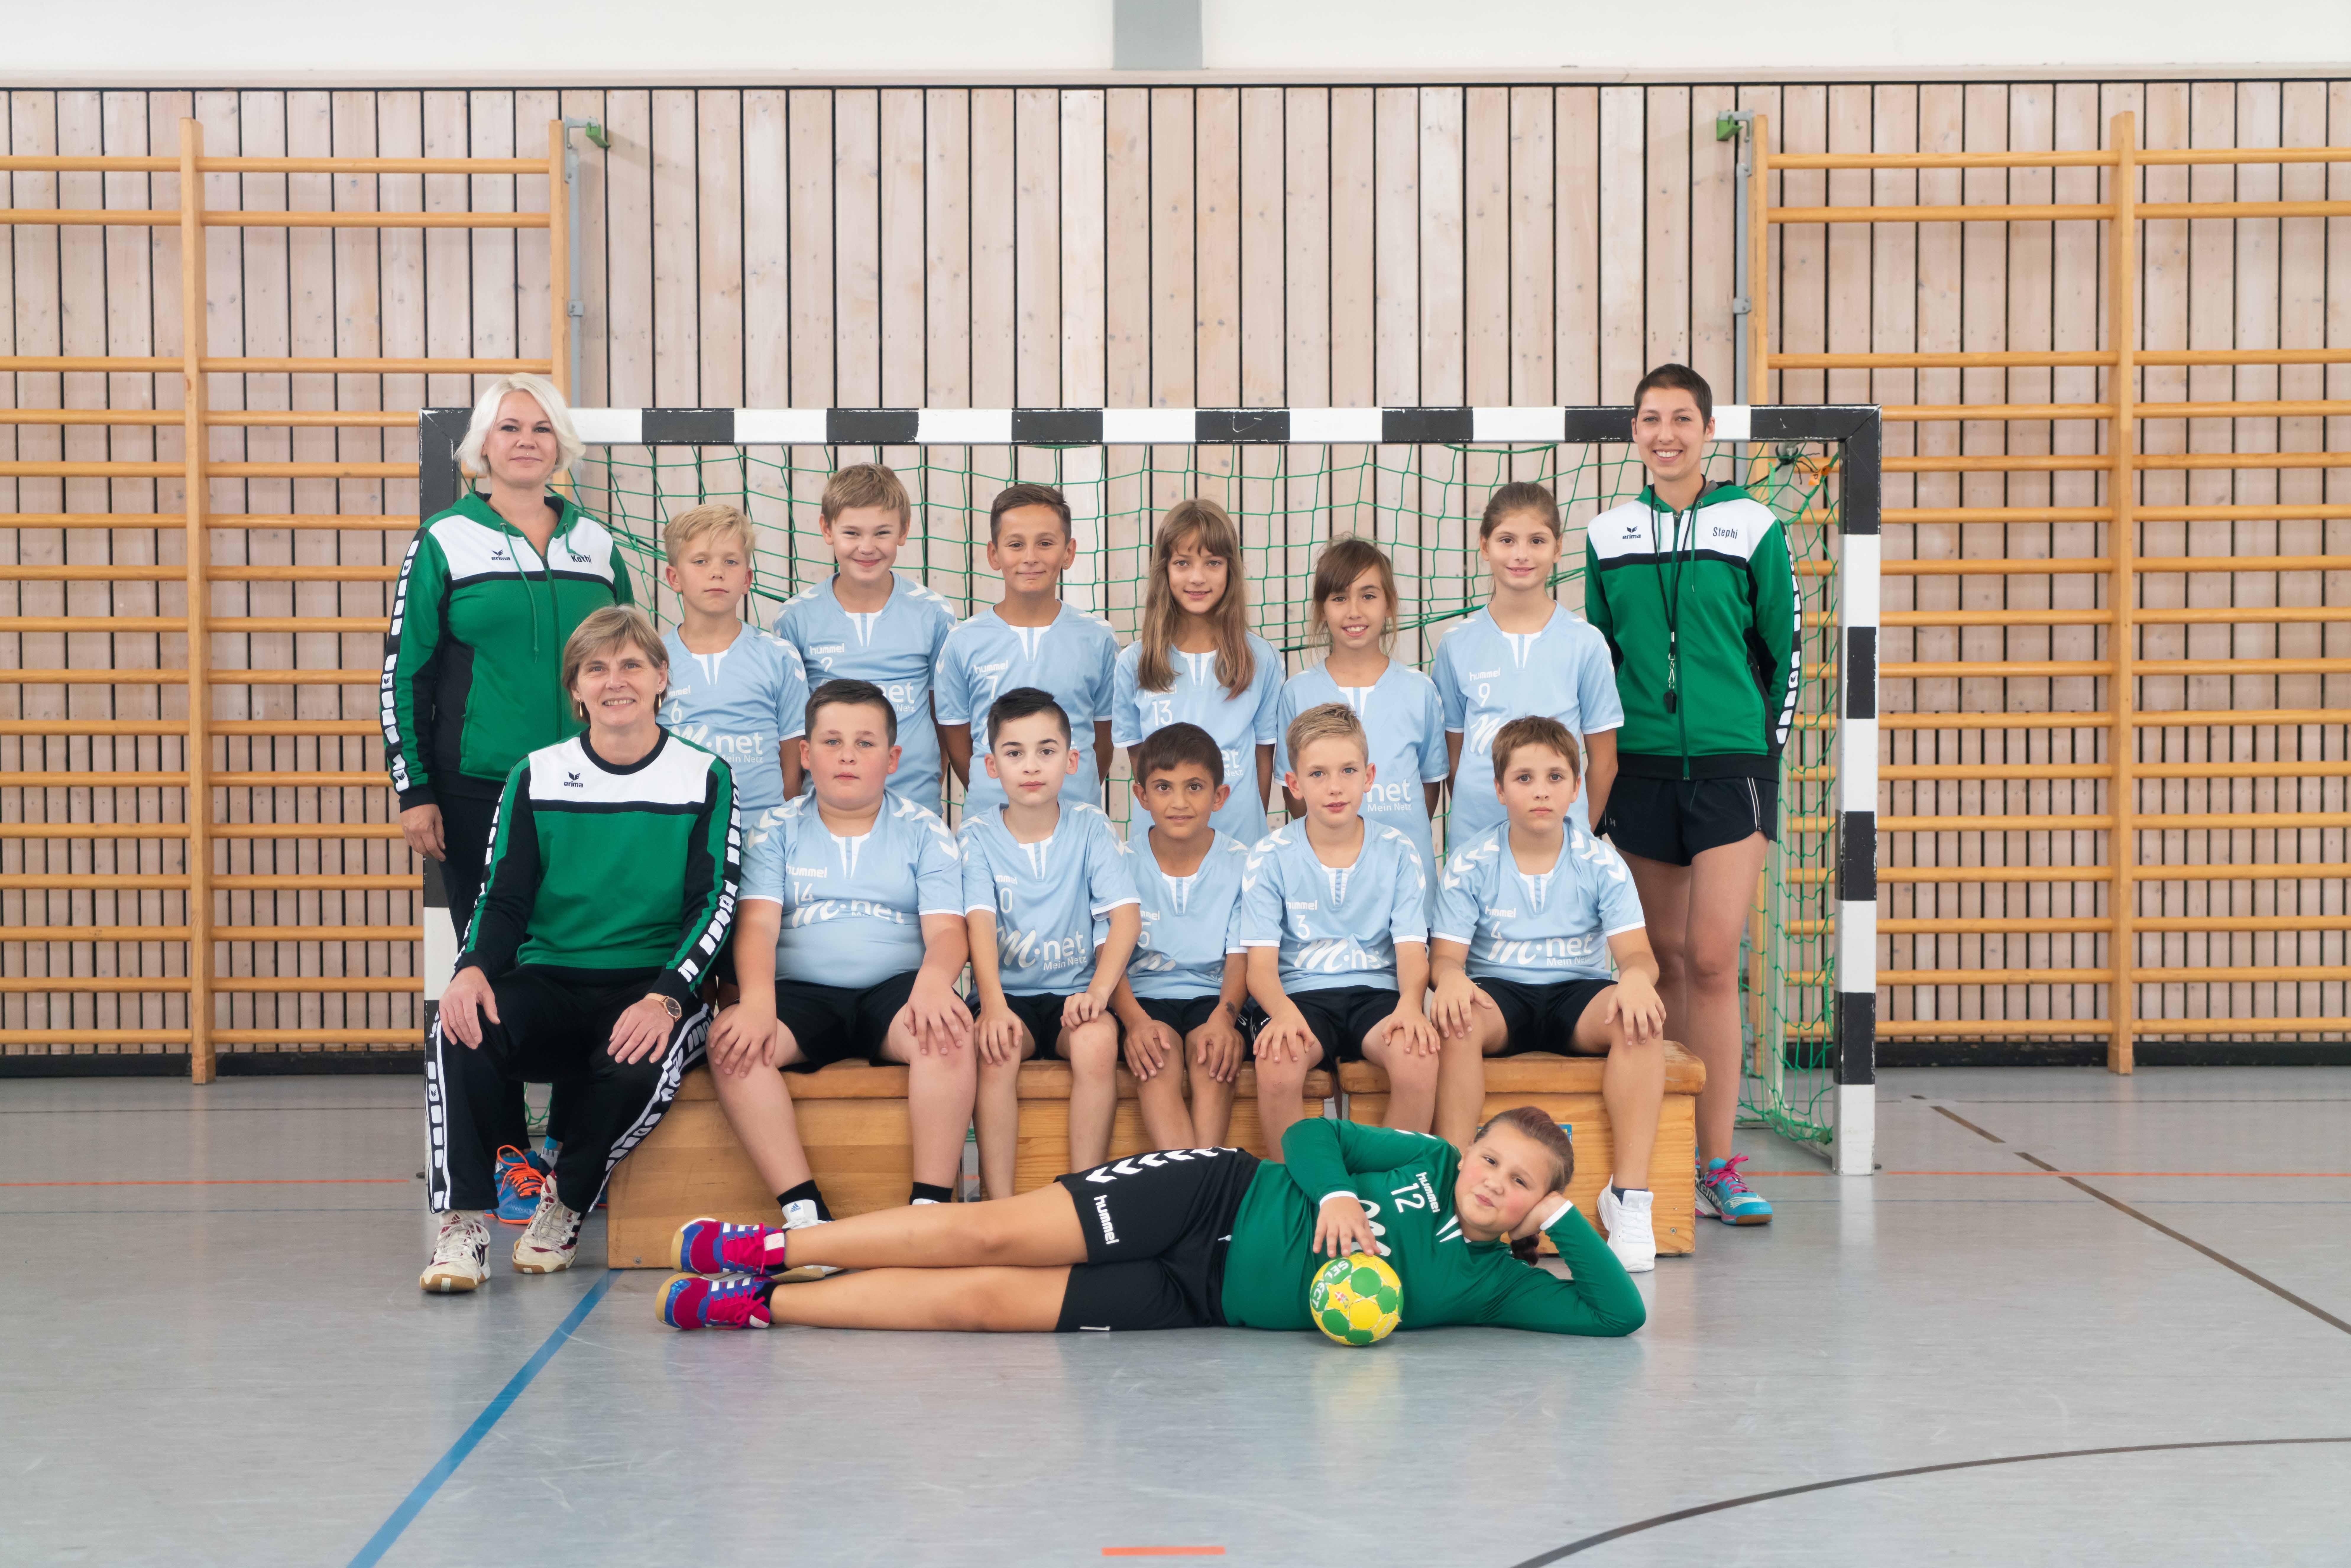 TSV Aichach - gemischte E-Jugend